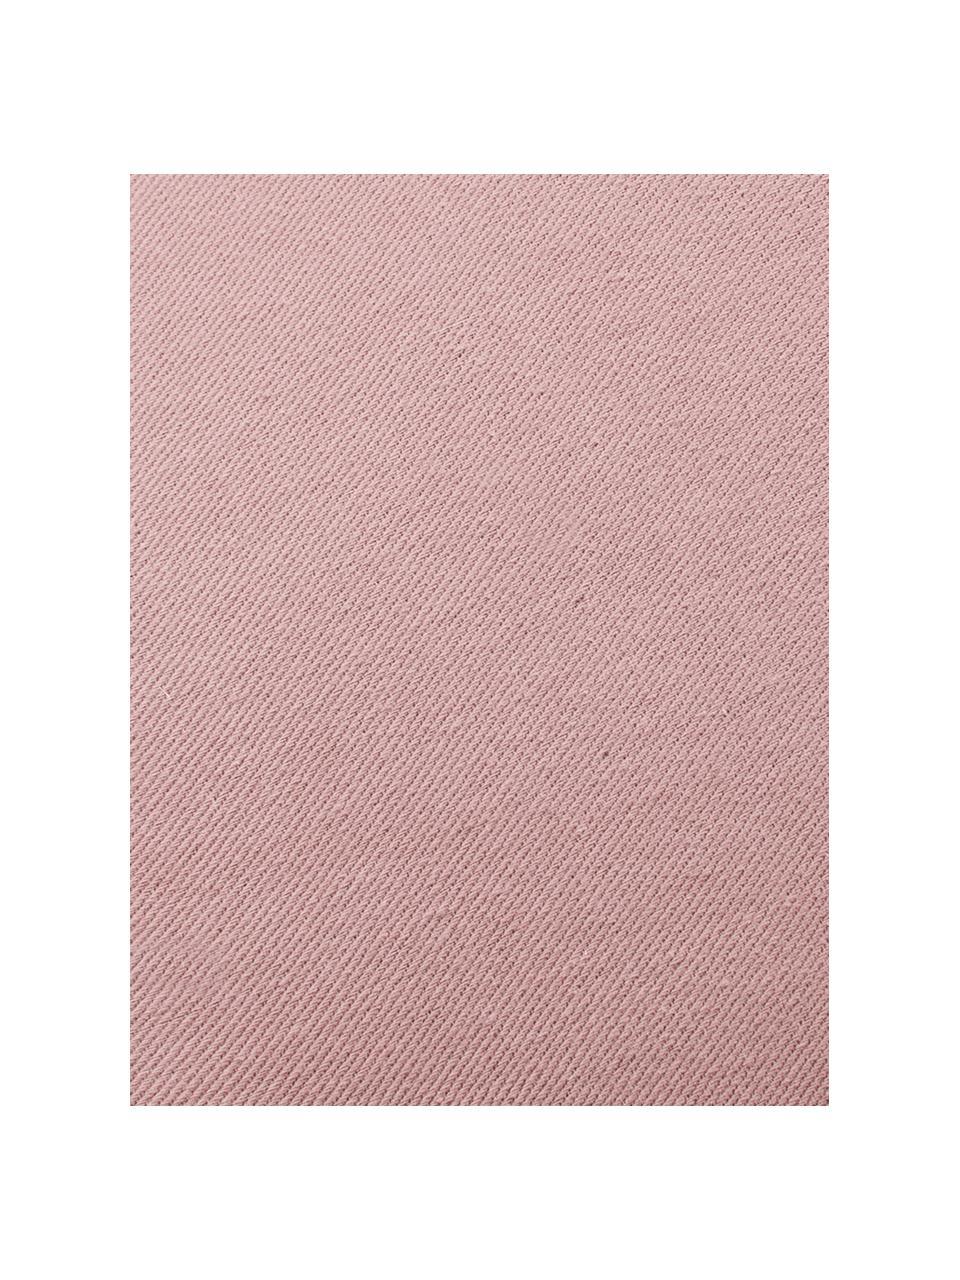 Cuscino in velluto rosa Shell, Retro: 100% cotone, Rosa cipria, Larg. 32 x Lung. 27 cm